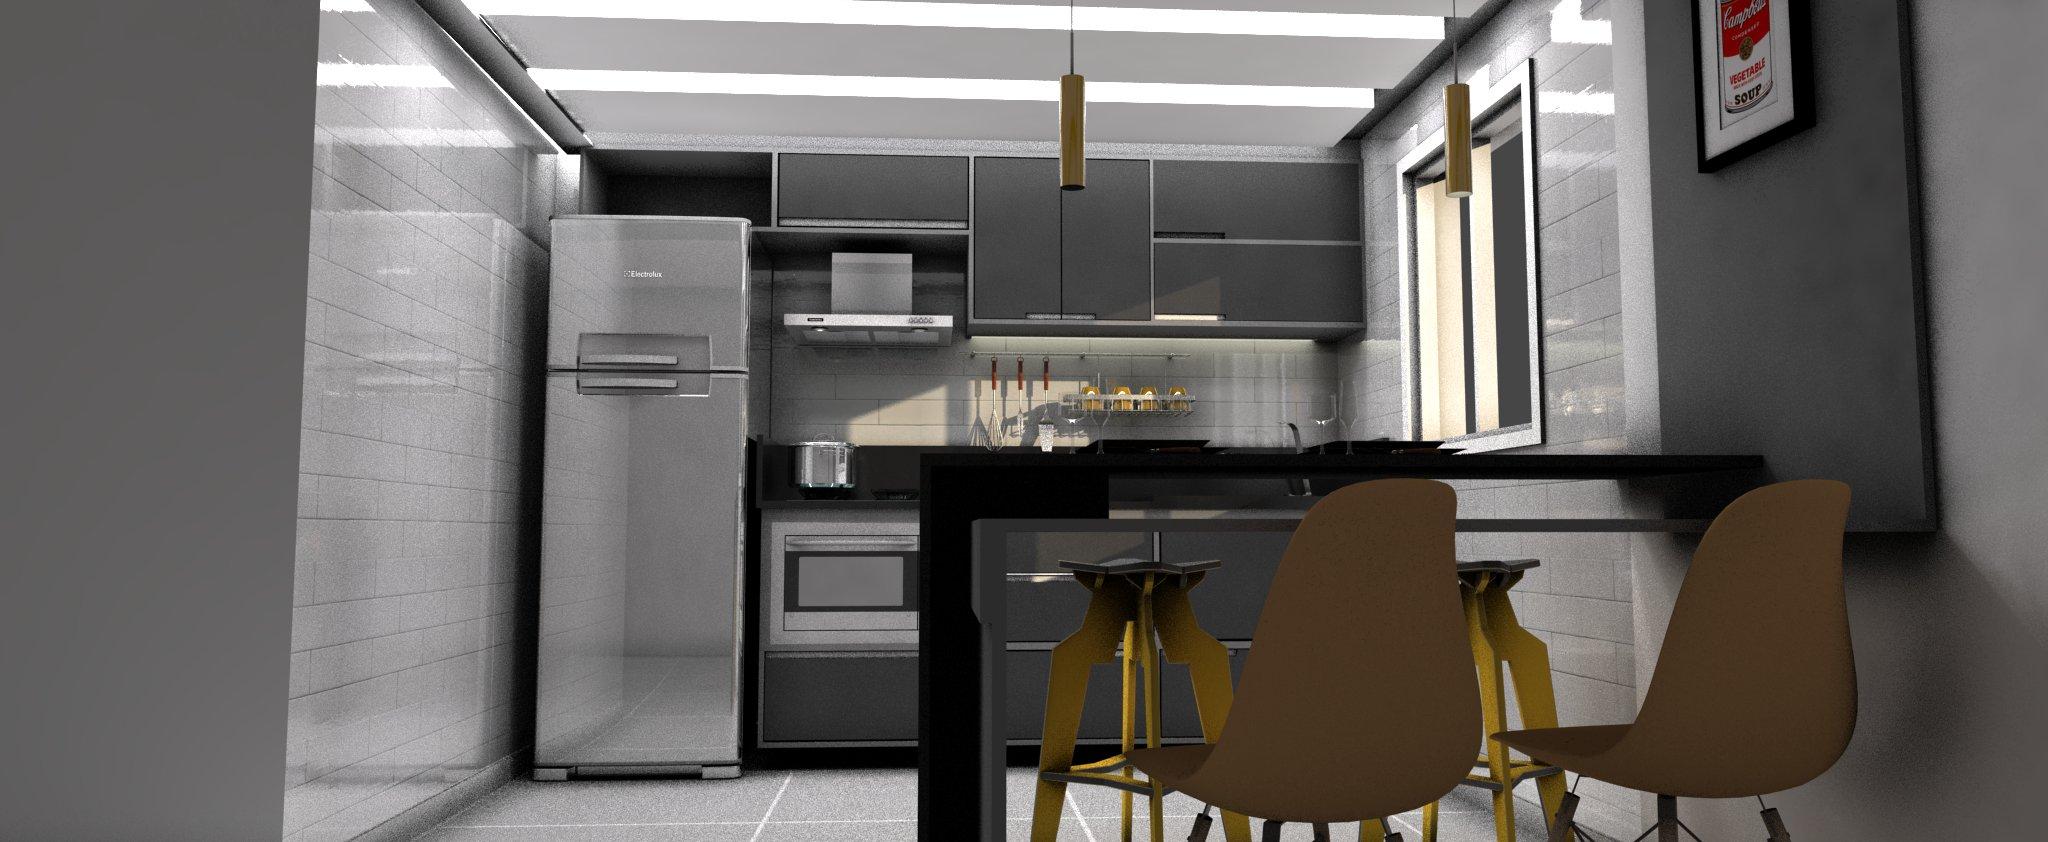 Wibamp Com Quanto Custa Montar Uma Cozinha Industrial Pequena